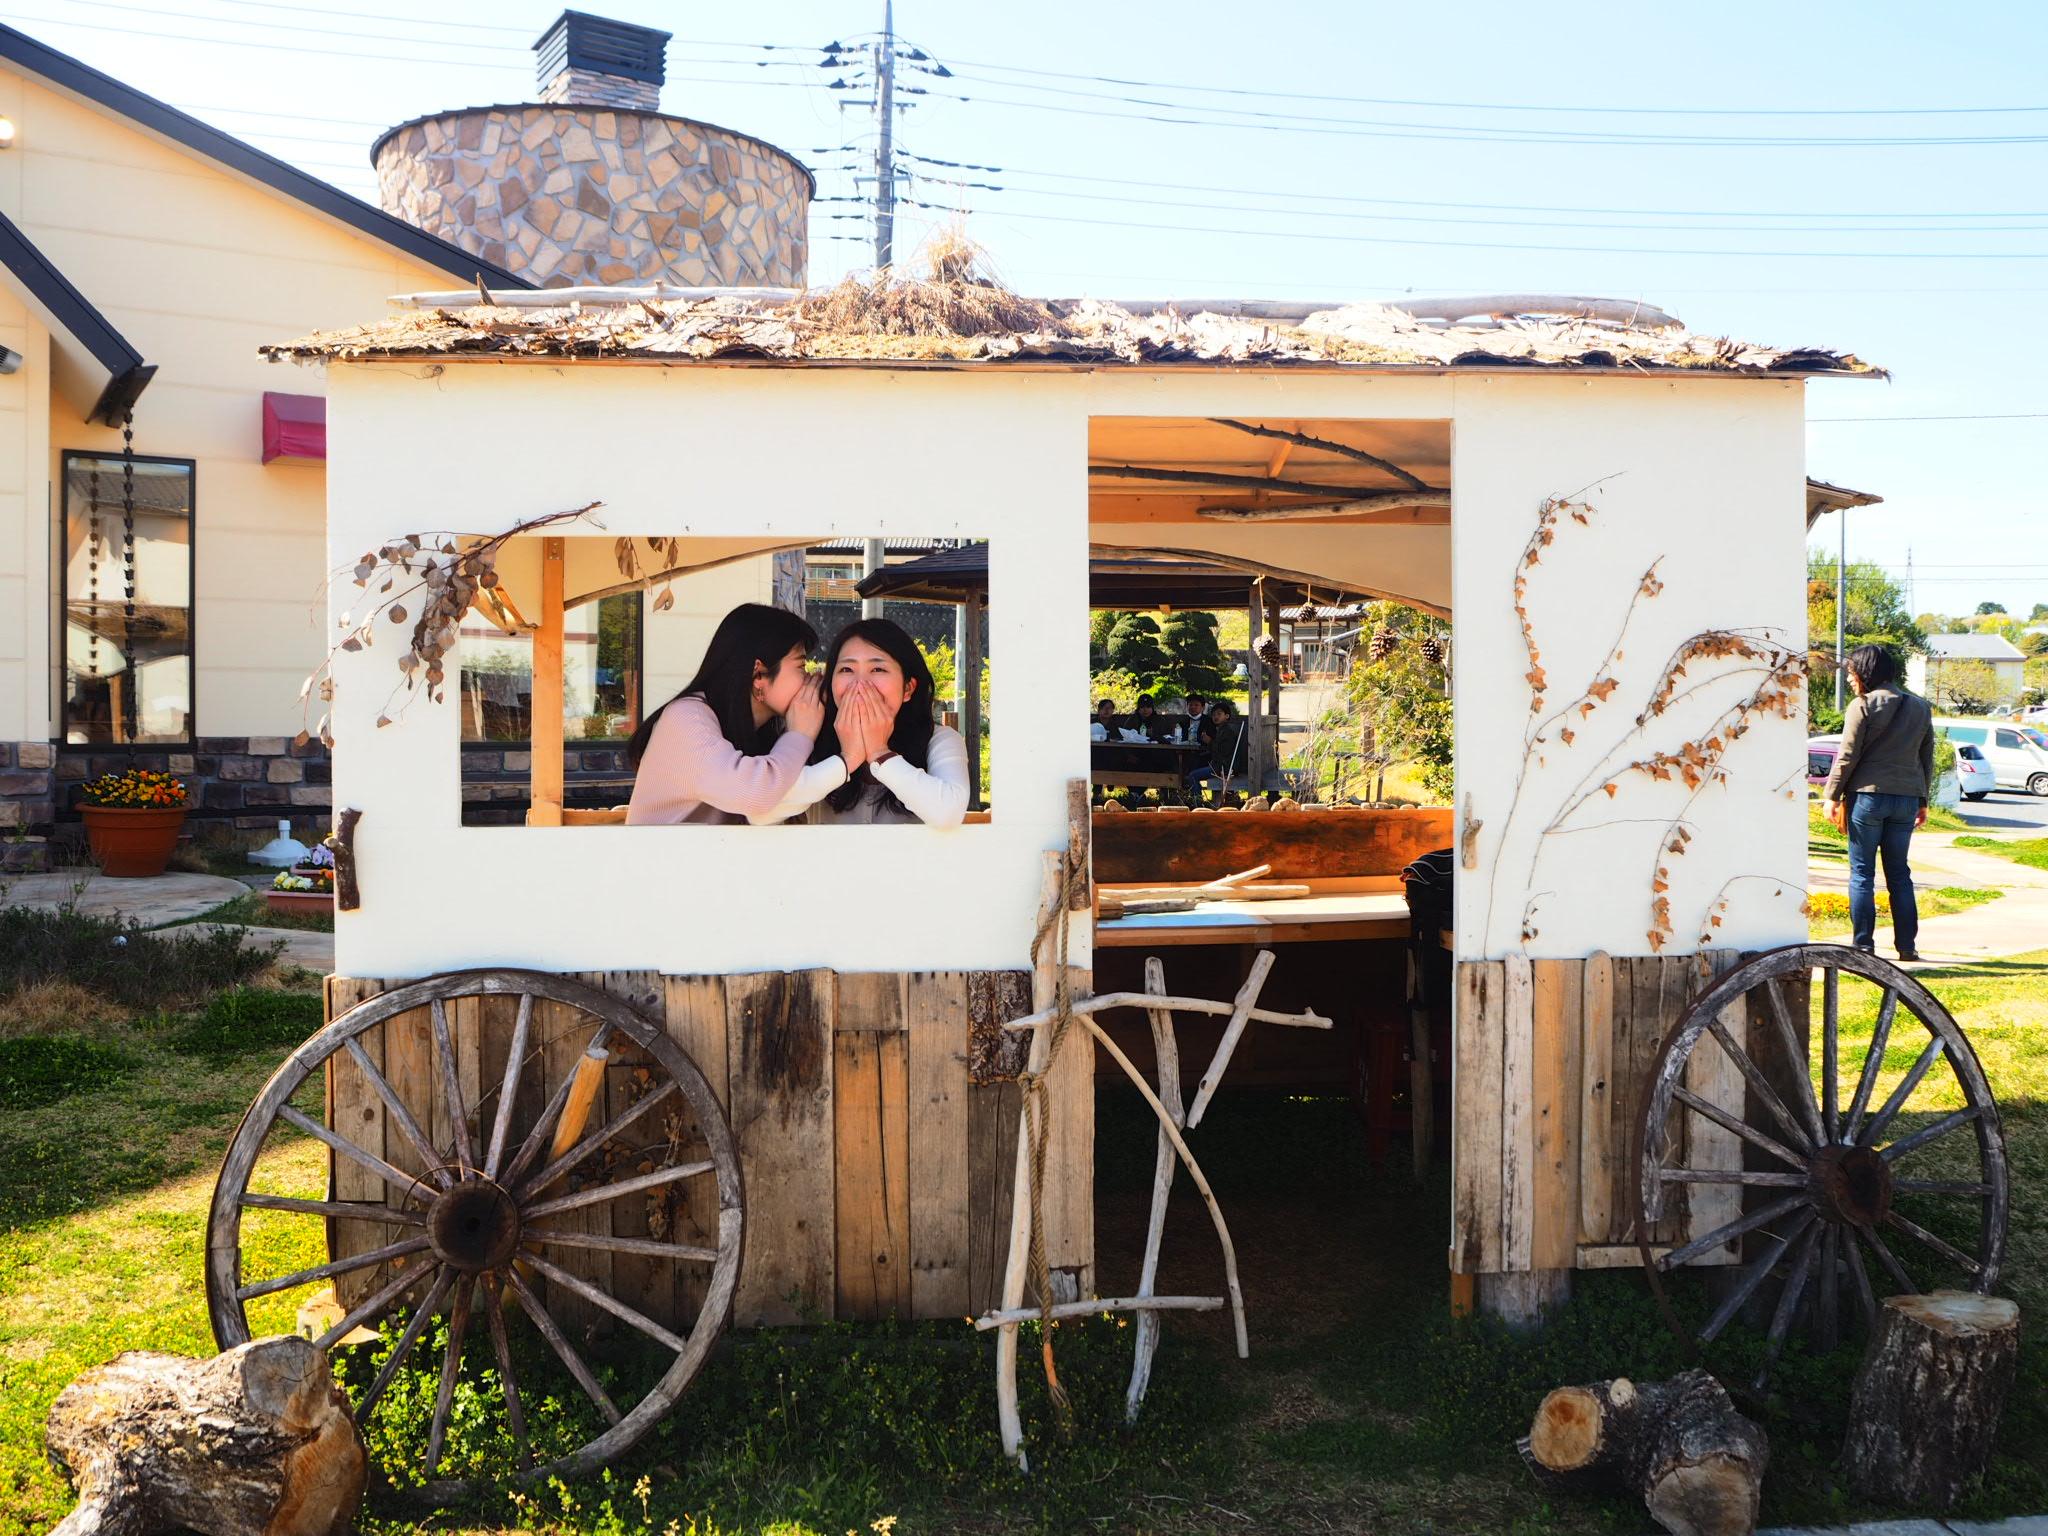 【GW】ひたち海浜公園の帰りに寄ったパン屋さん♡がインスタ映えスポットでした♡_1